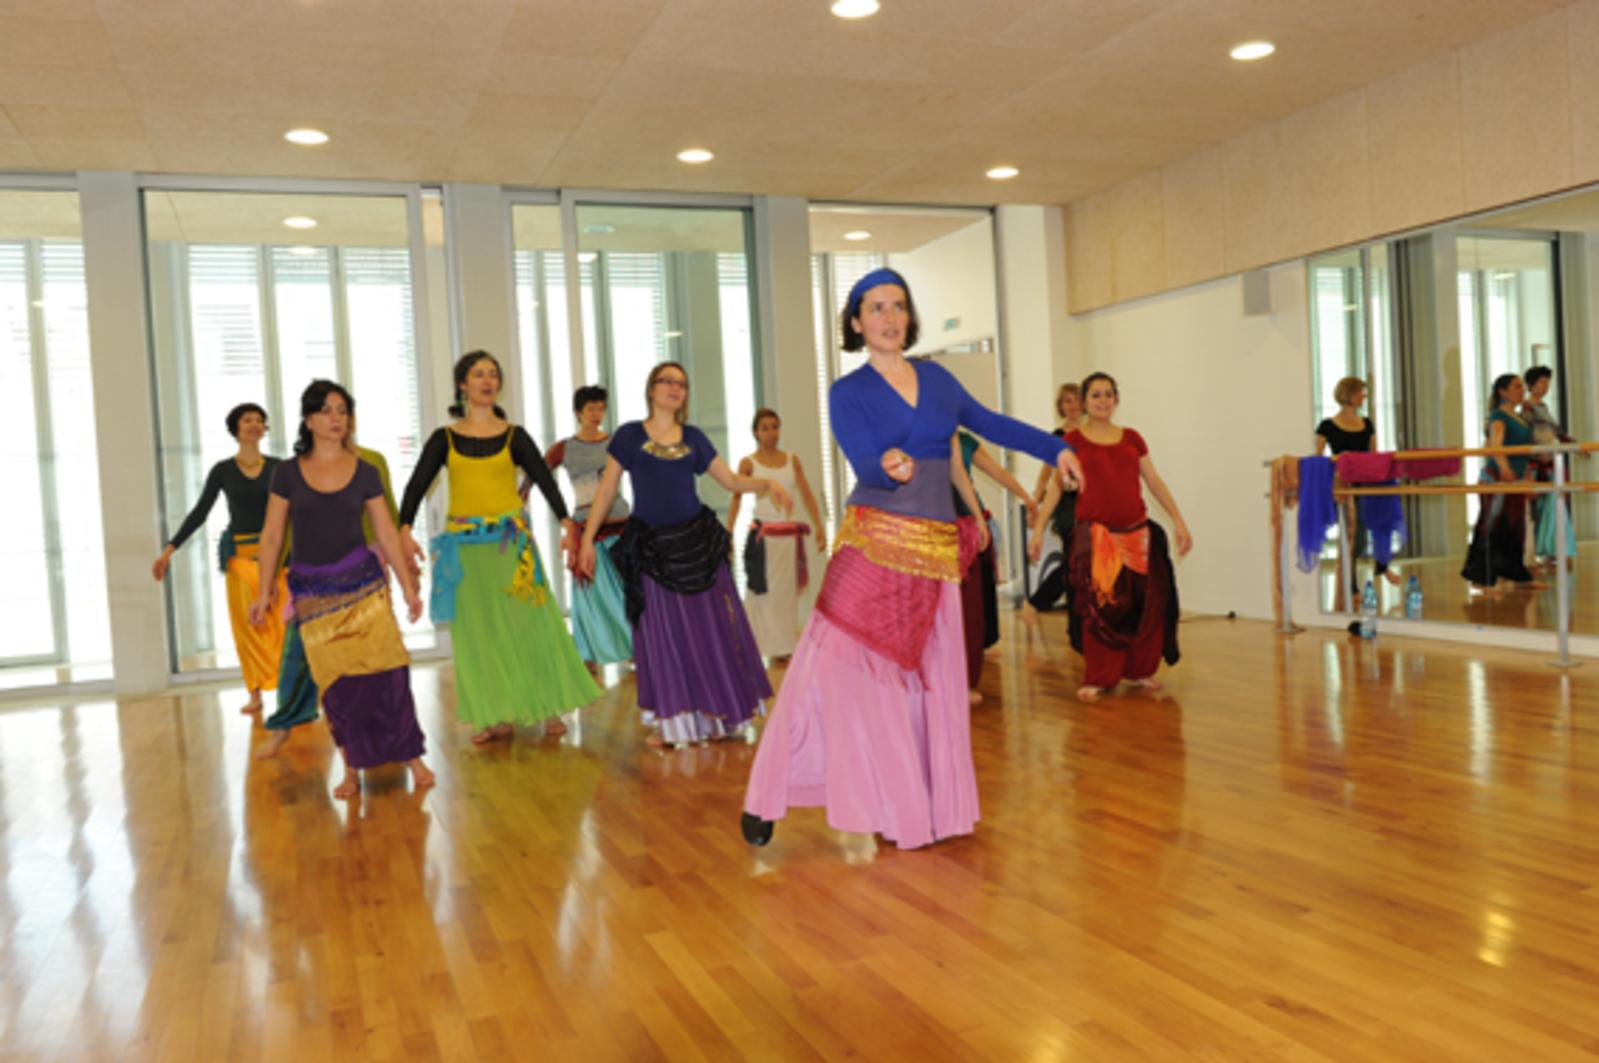 Danse orientale egyptienne - Ocréambre